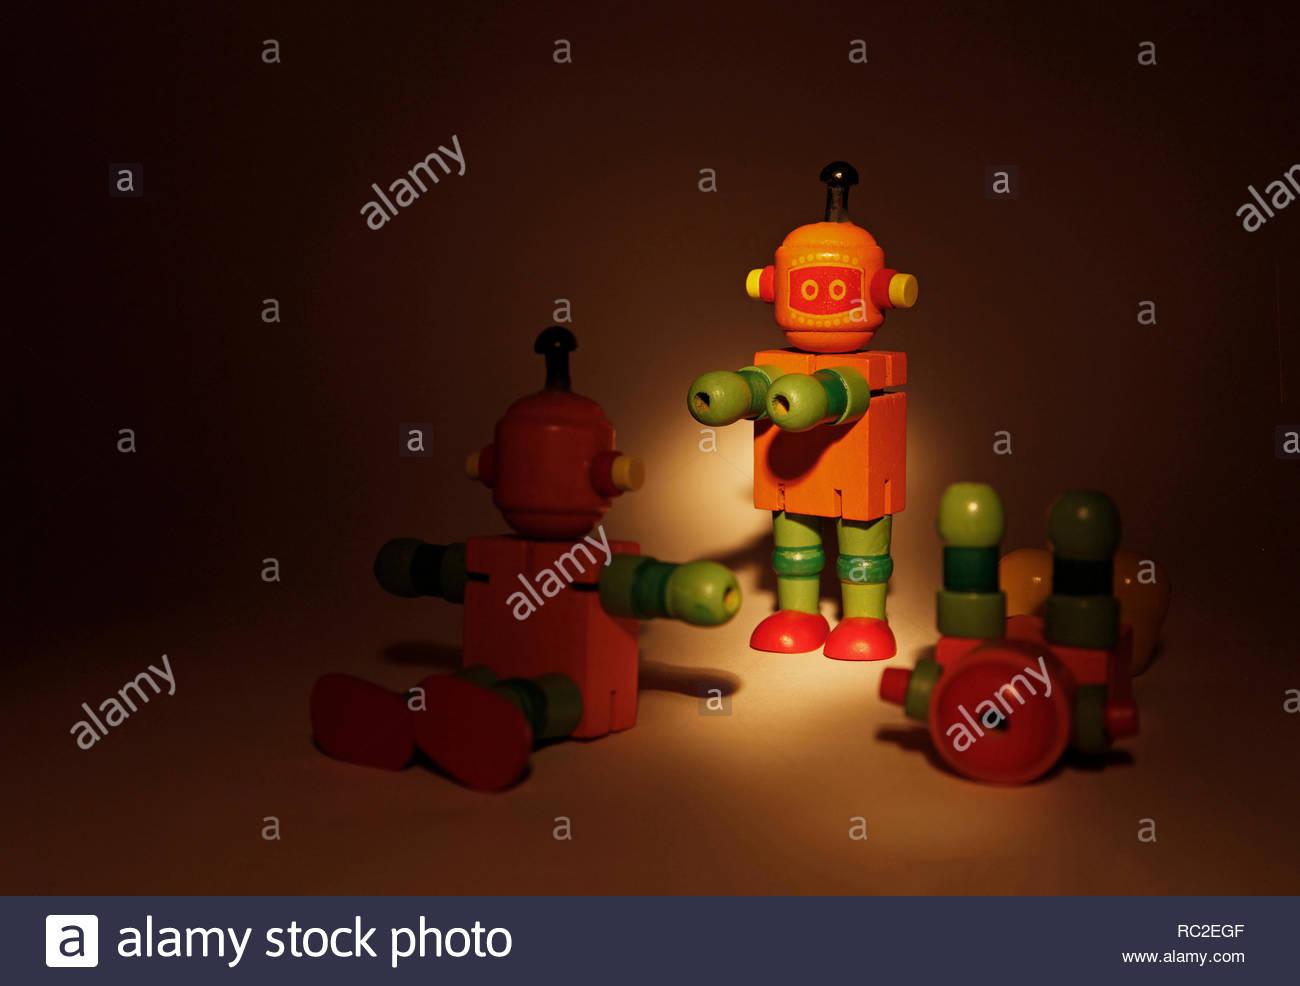 Studio escena, con toques de agresión / confrontación / violencia, utilizando 3 robots de juguete de madera en un foco. Copie el espacio con fondo oscuro. Imagen De Stock